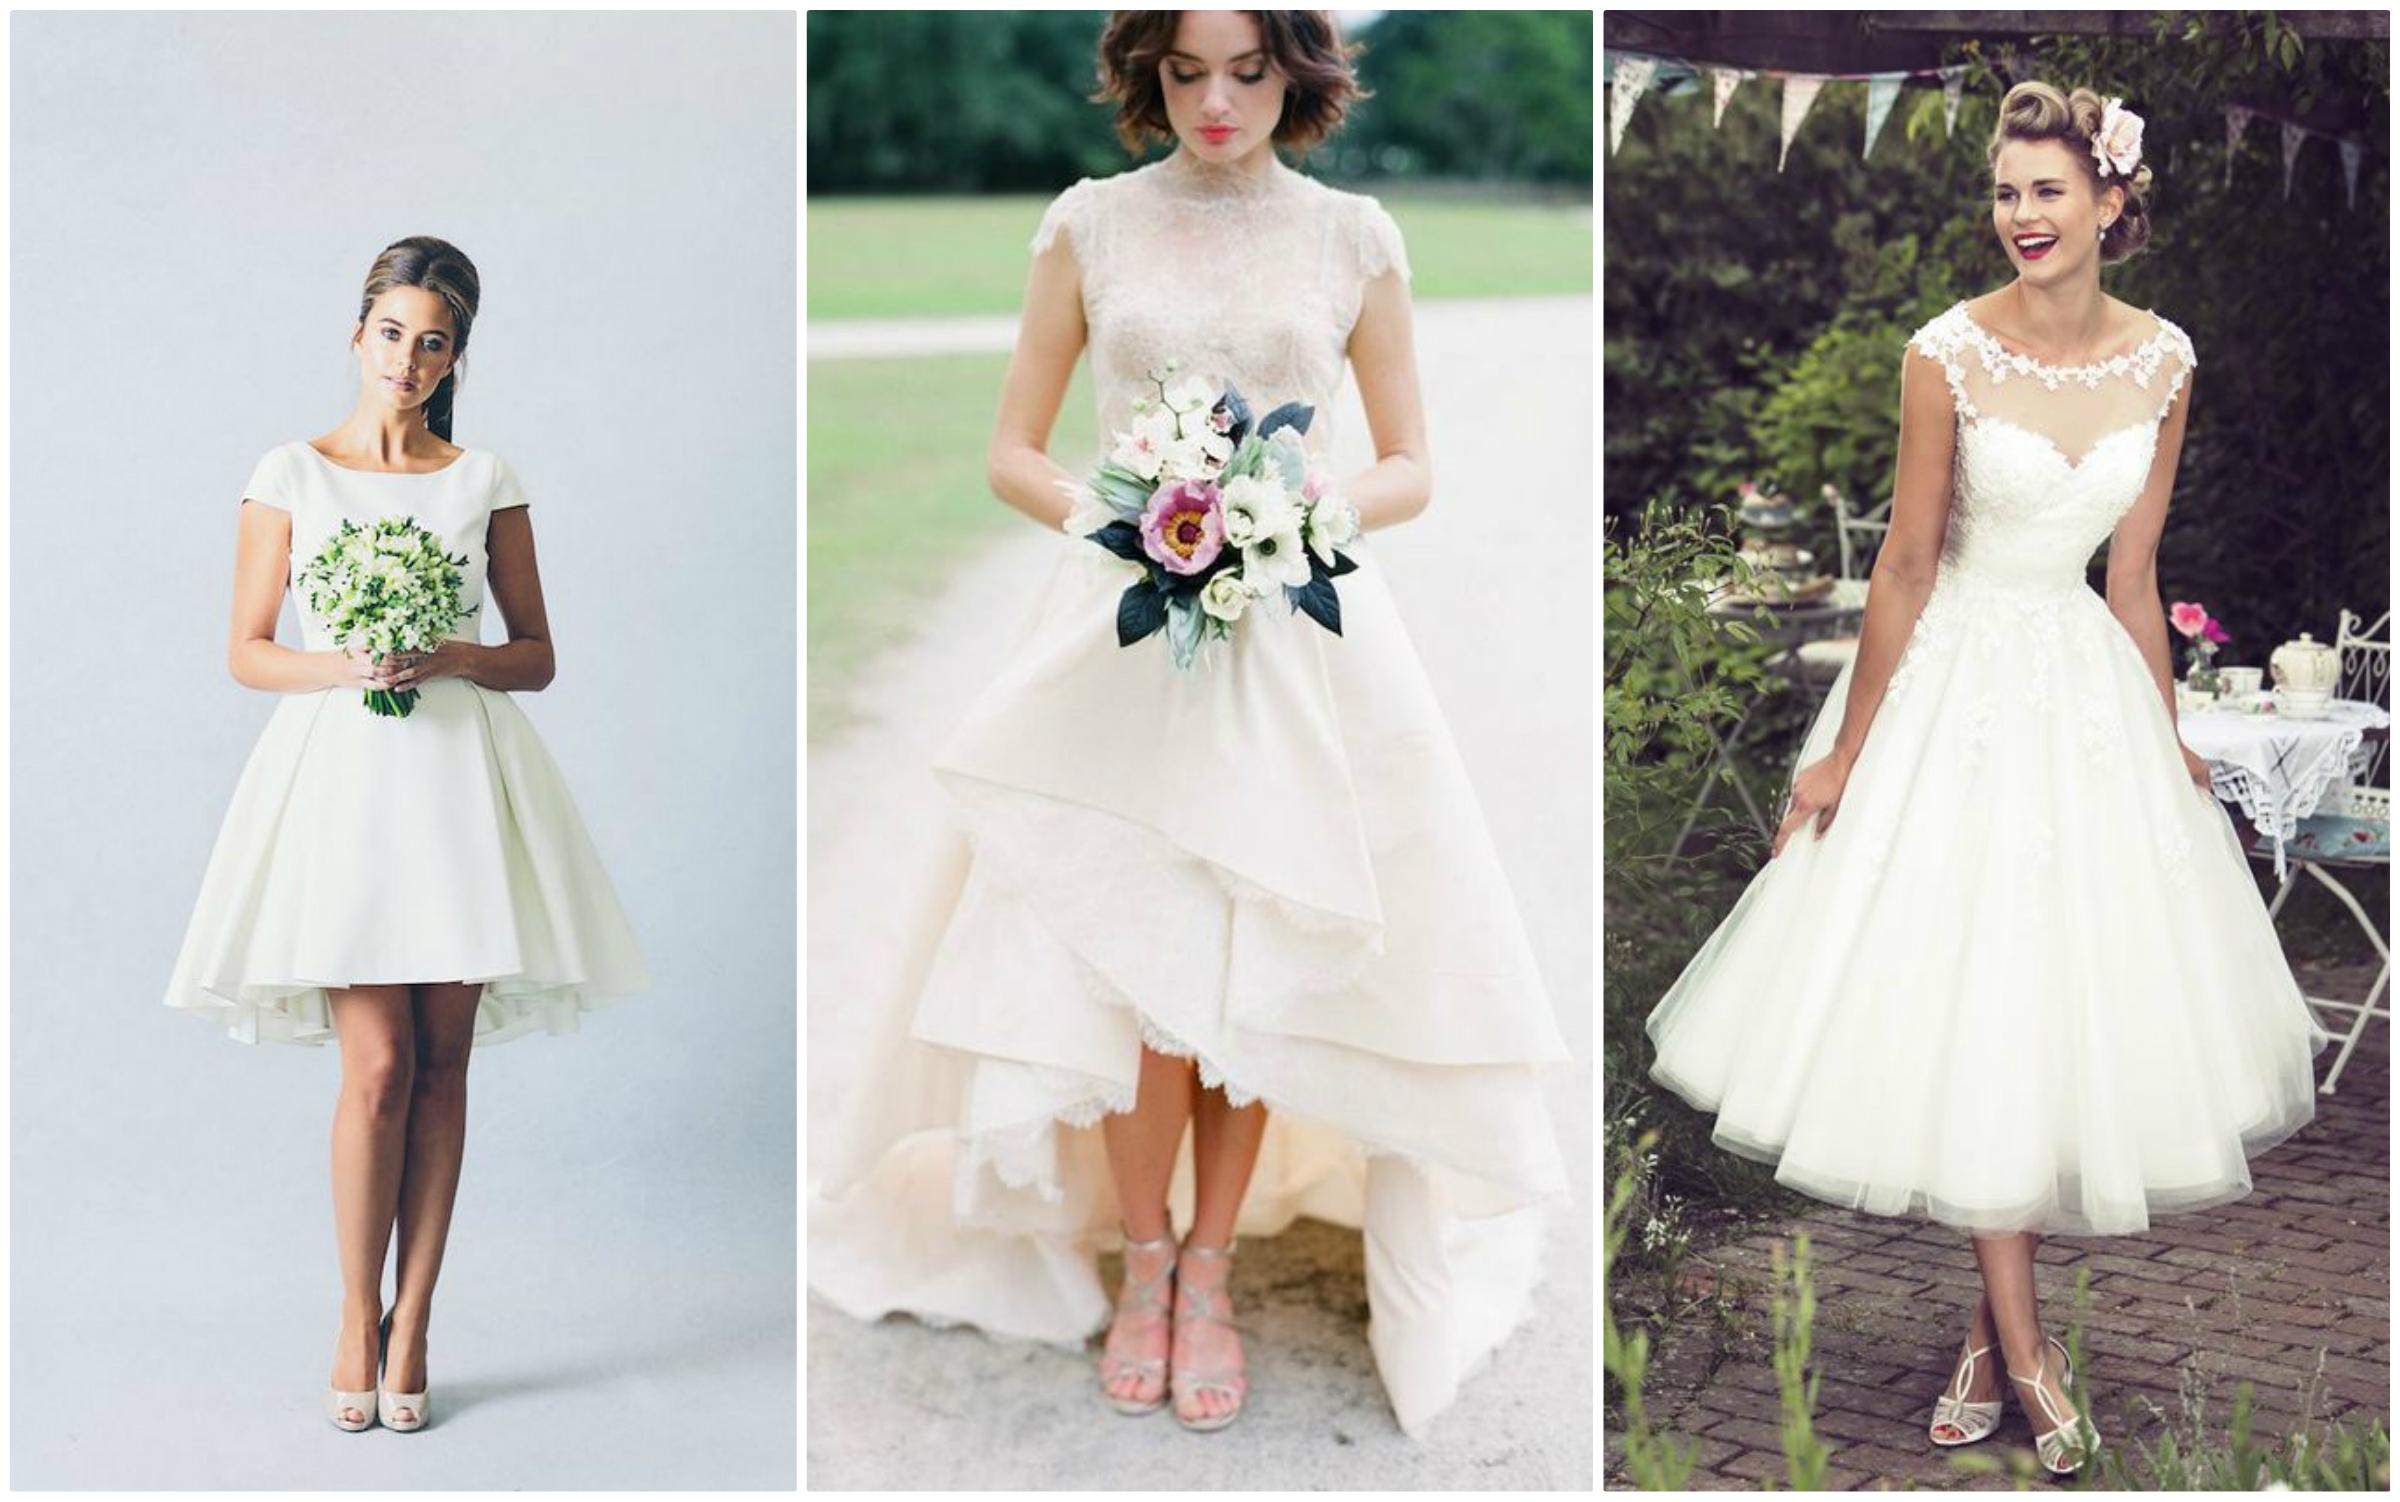 Krótka Suknia ślubna Sklep Internetowy Modaislubpl